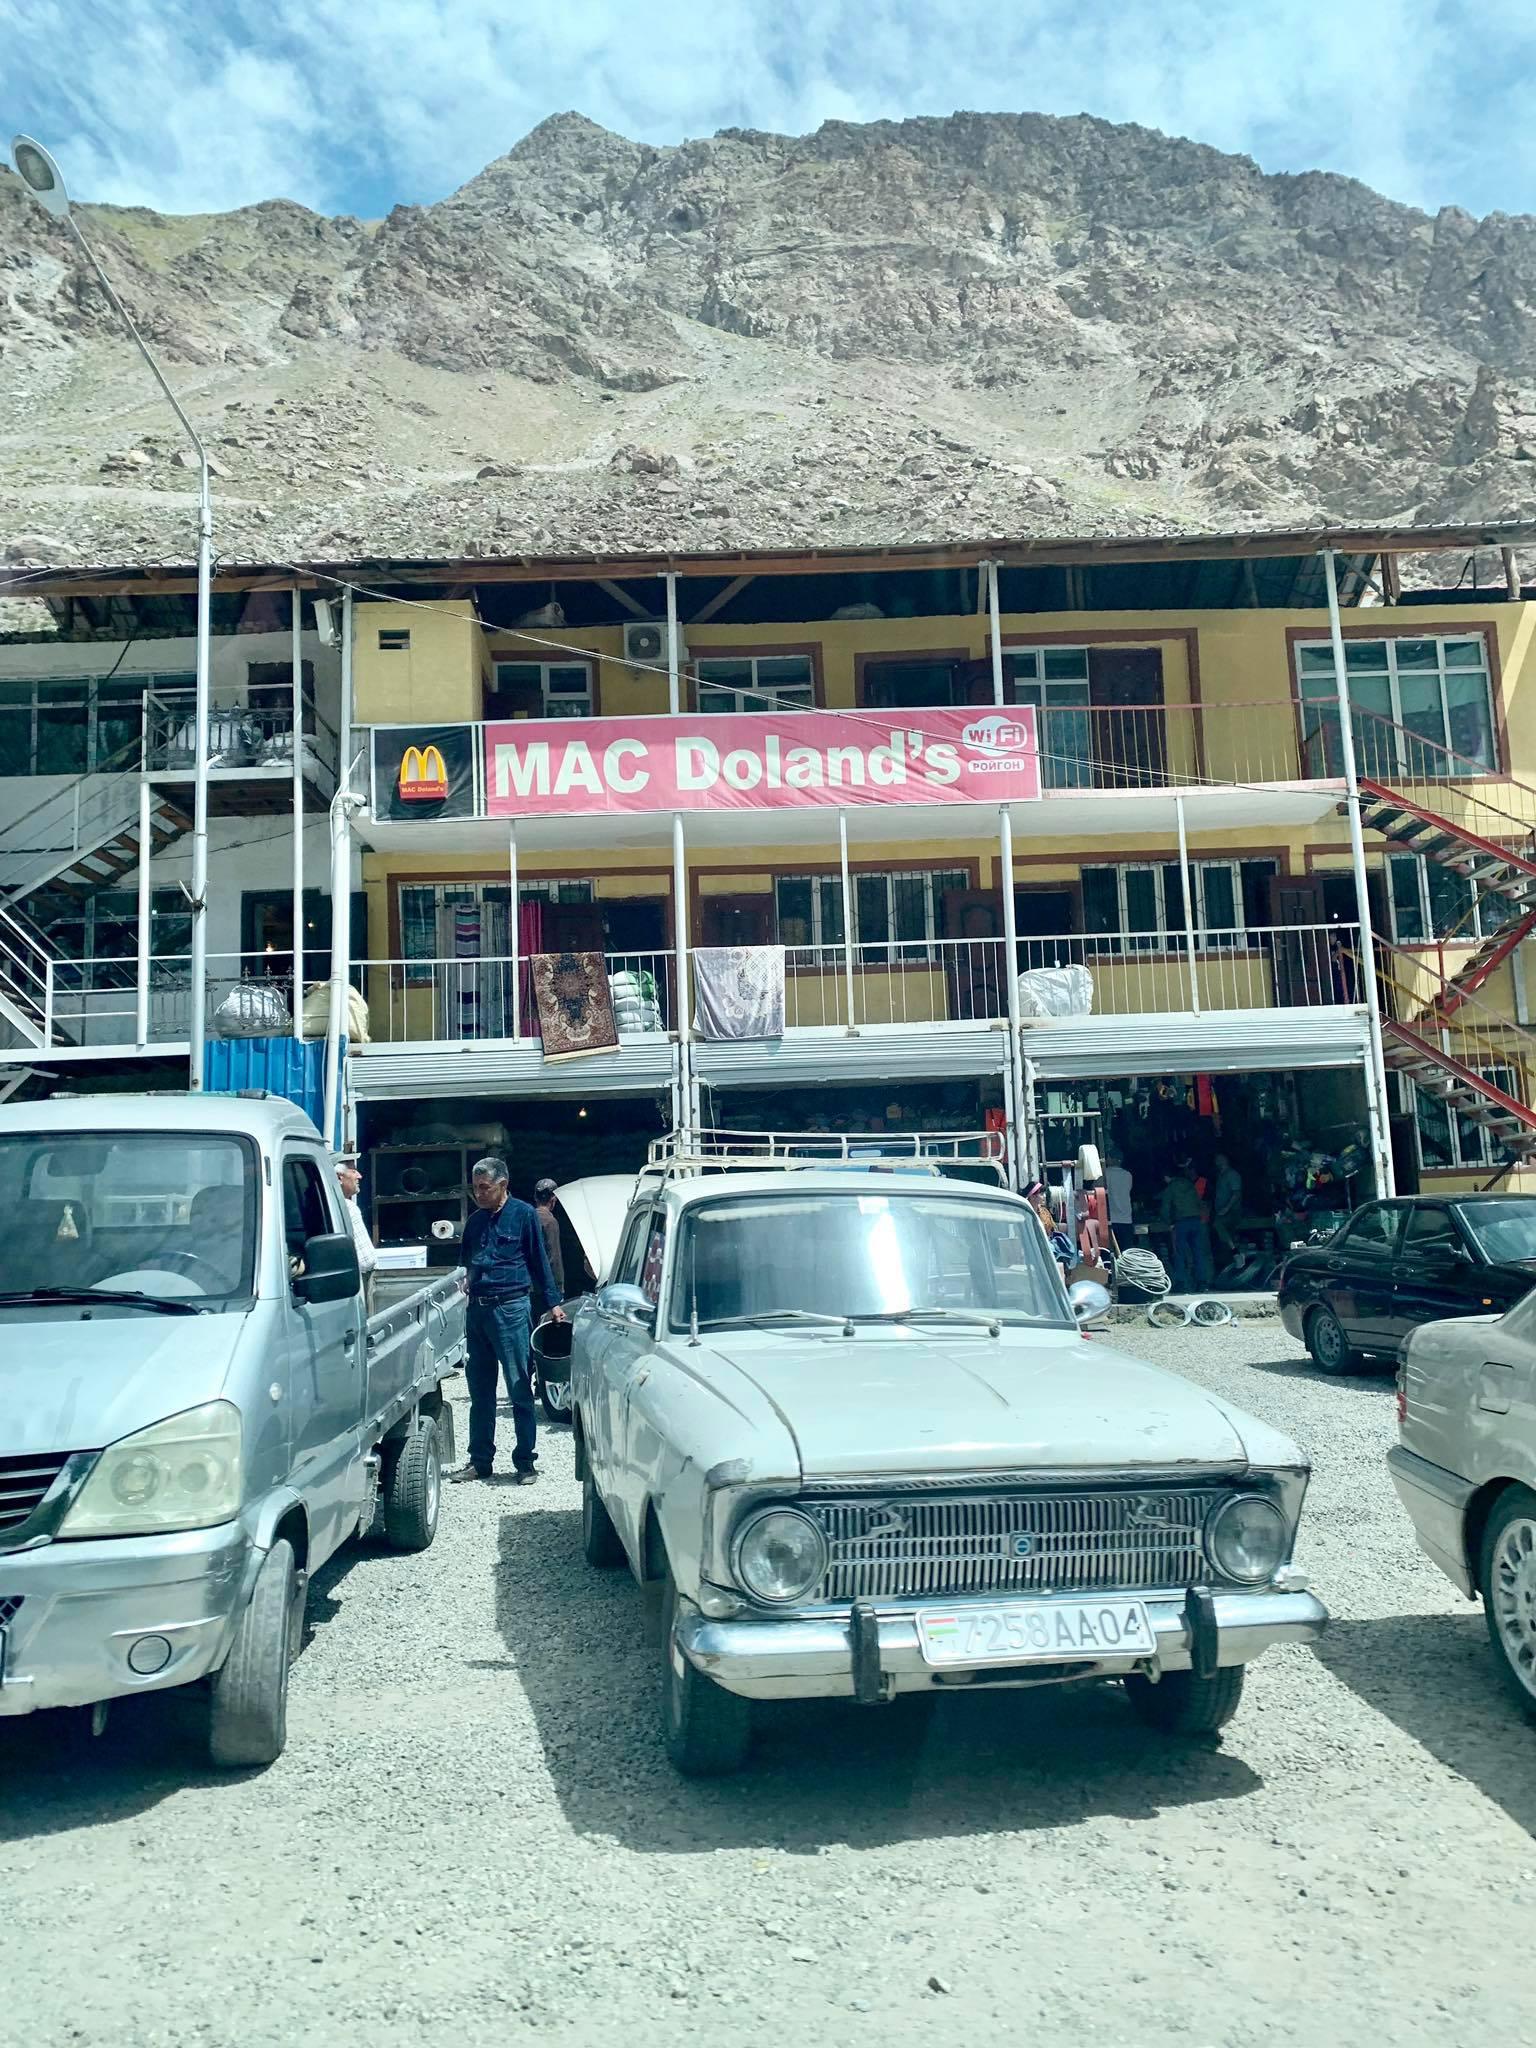 Kach Solo Travels in 2019 Pamir Highway Trip in Tajikistan1.jpg